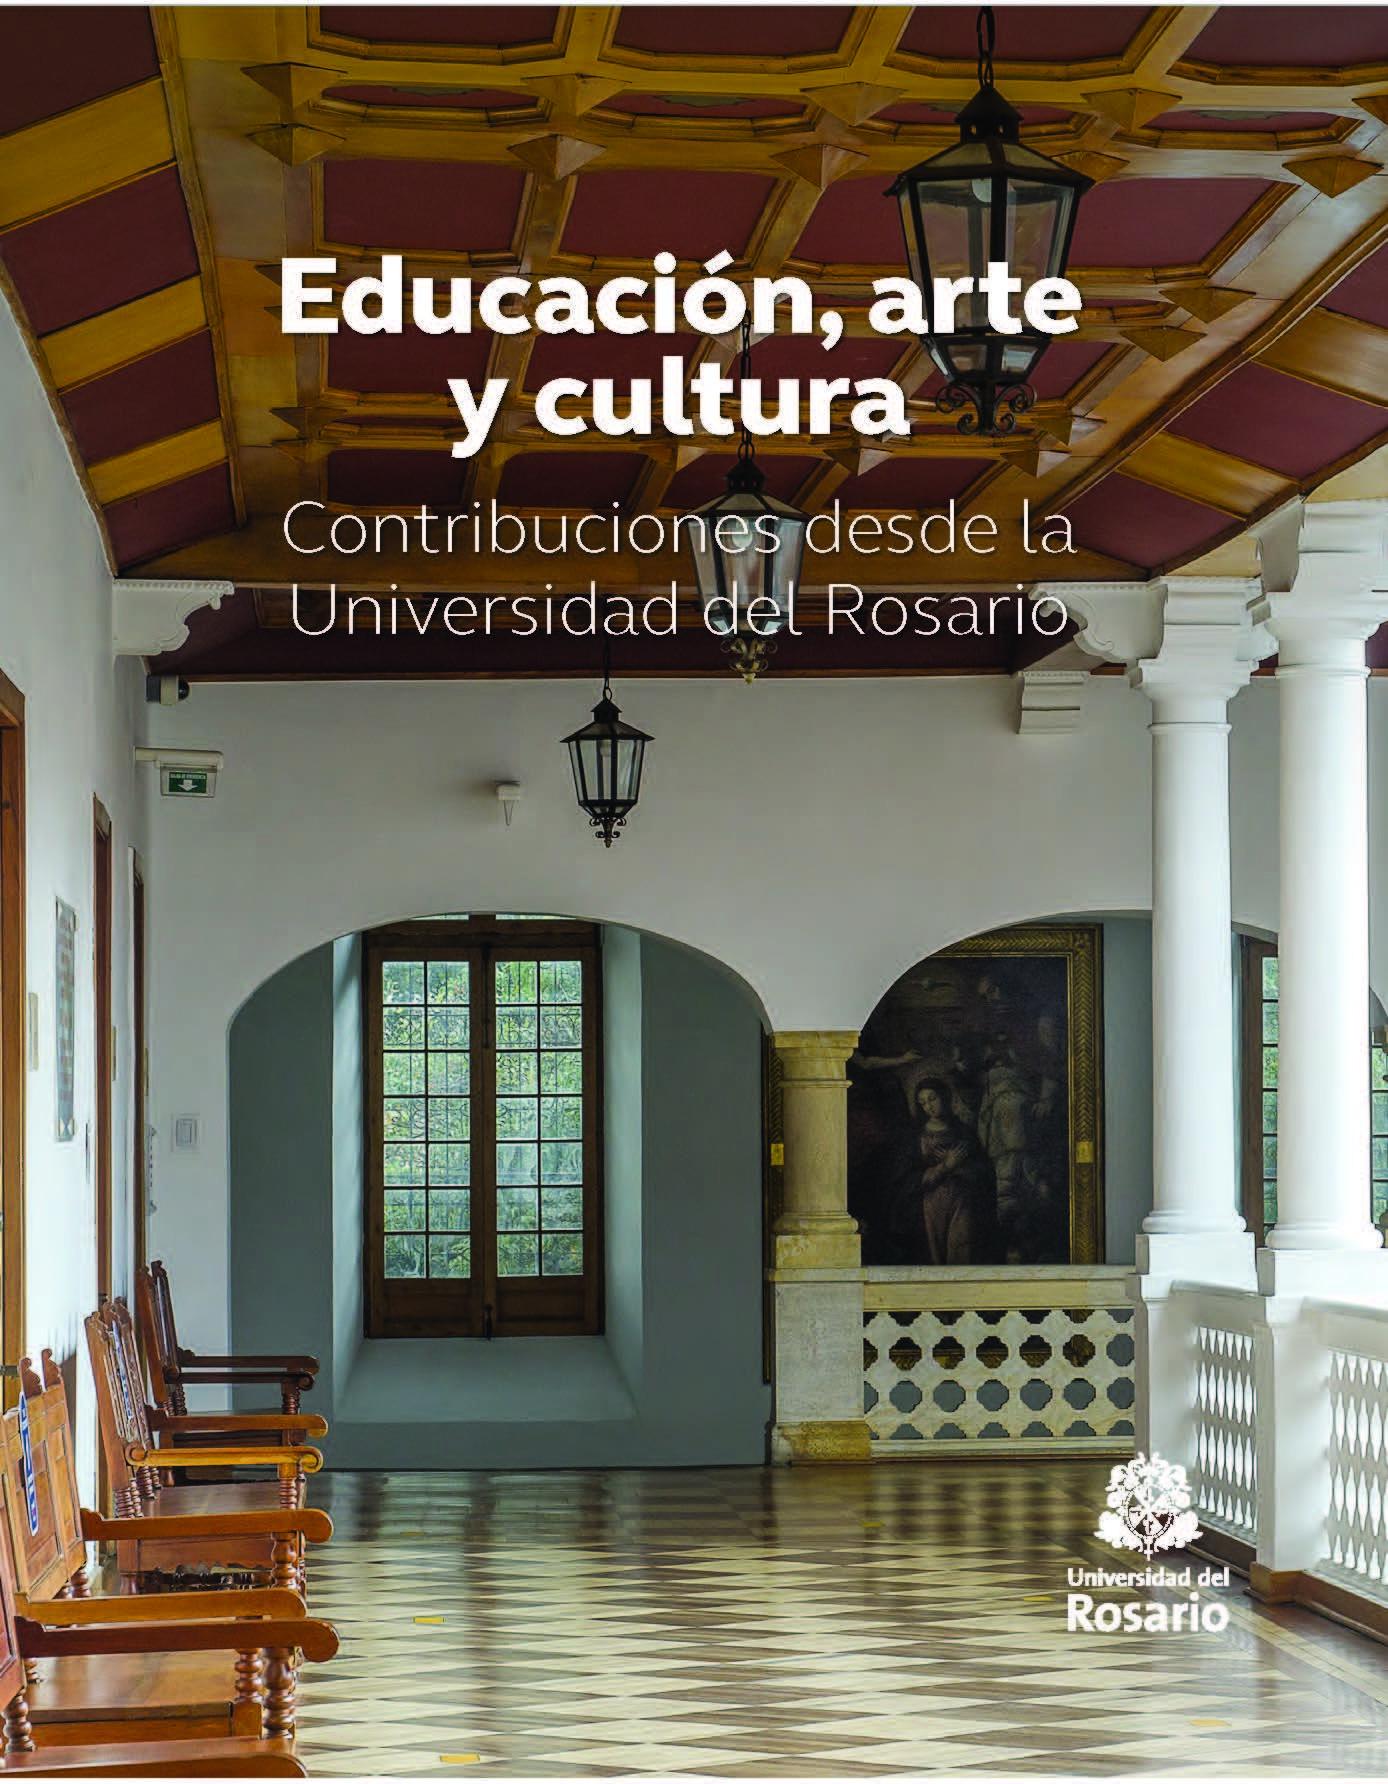 Educación, arte y cultura